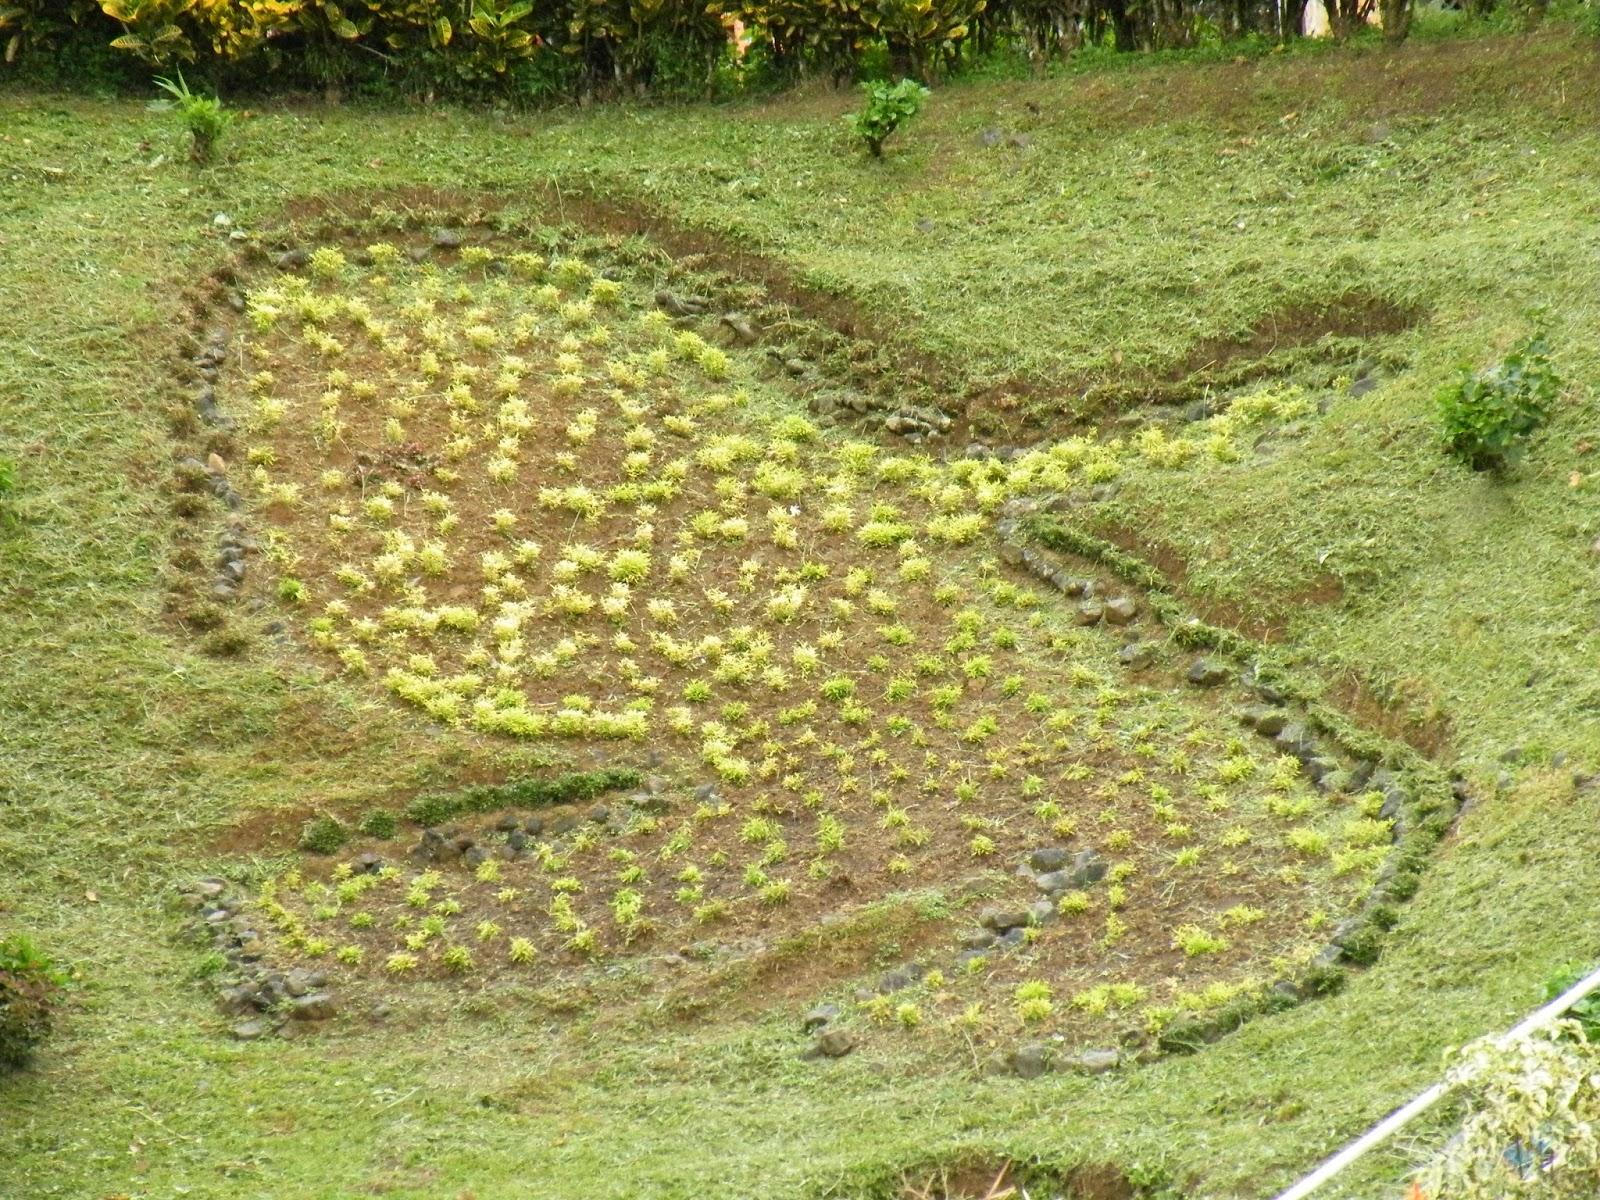 Du four au jardin et mes dix doigts fonds saint denis - Petit jardin newfoundland saint denis ...